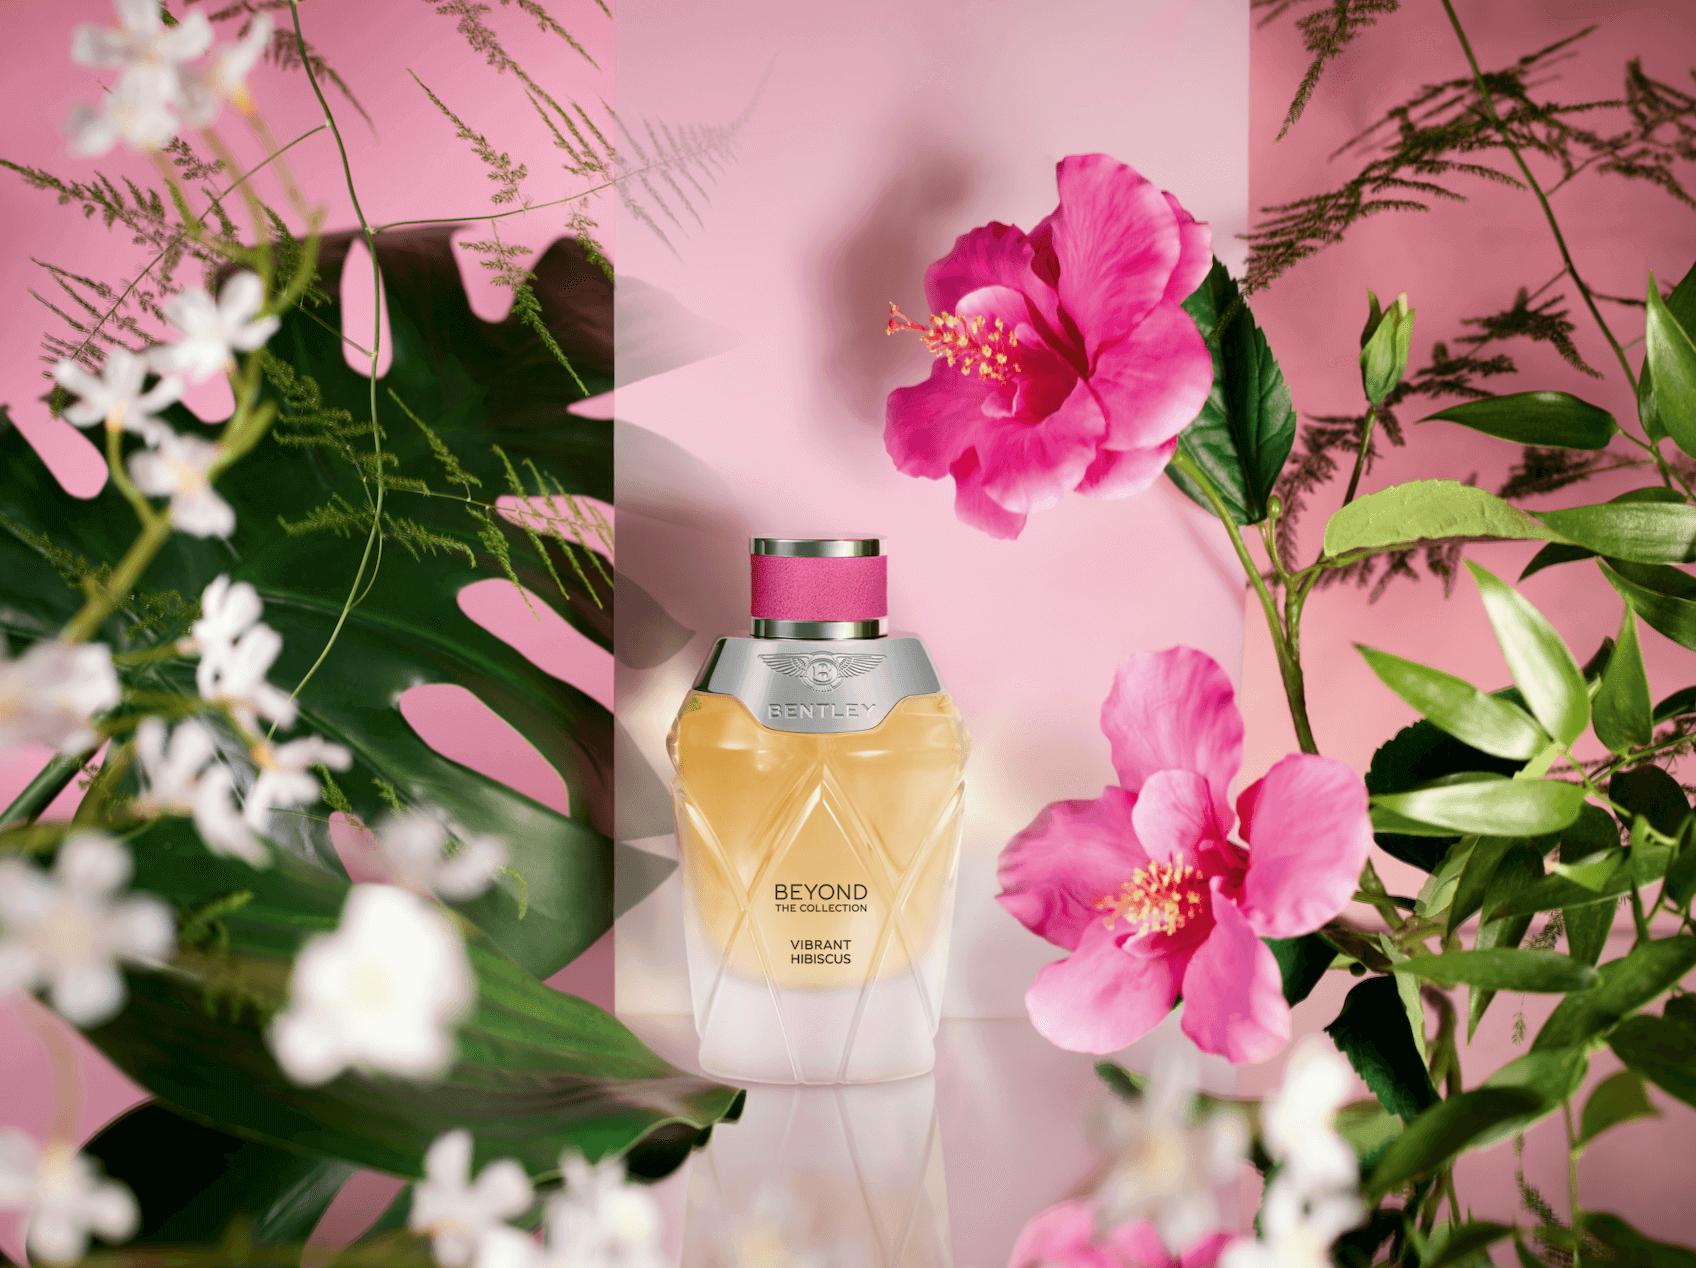 Bentley Fragrances parfüm hakkında haber